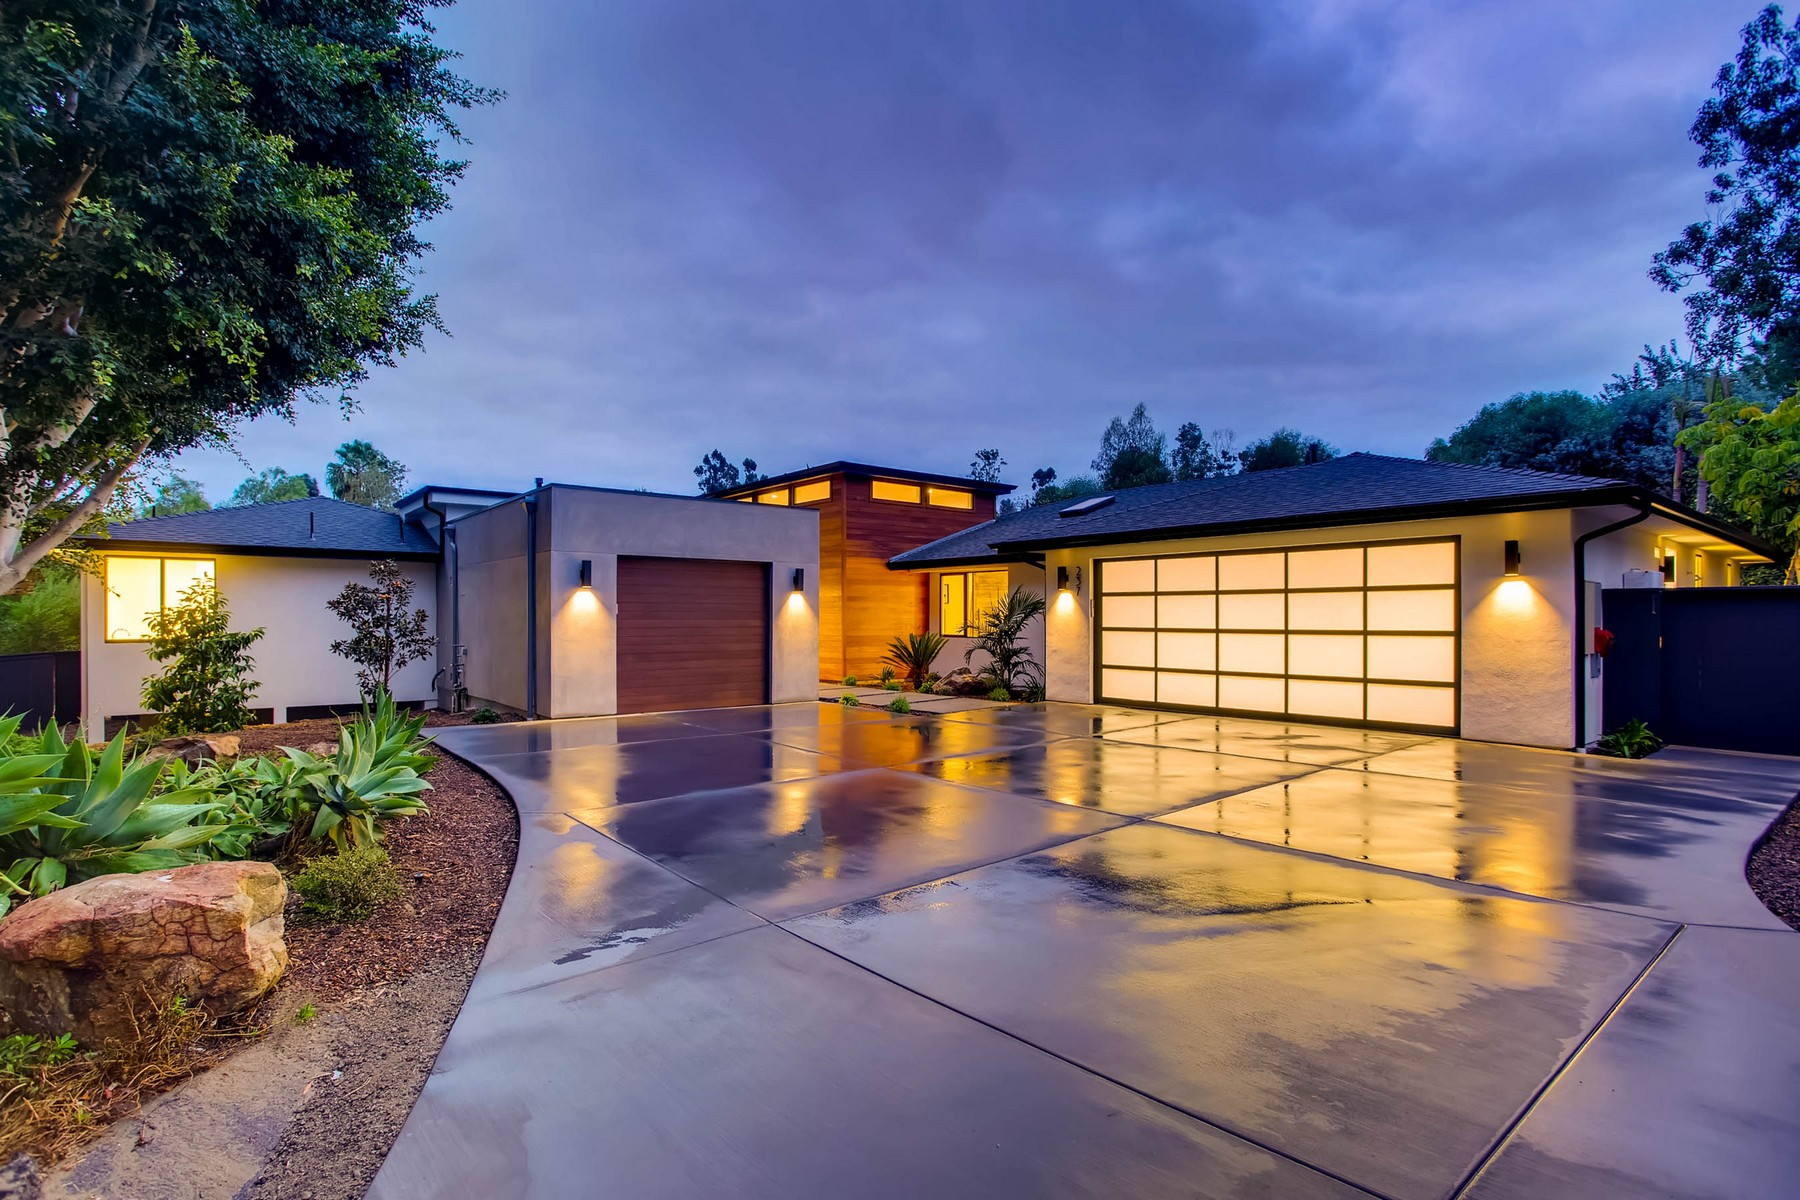 단독 가정 주택 용 매매 에 237 Via Del Cerrito Encinitas, 캘리포니아, 92024 미국